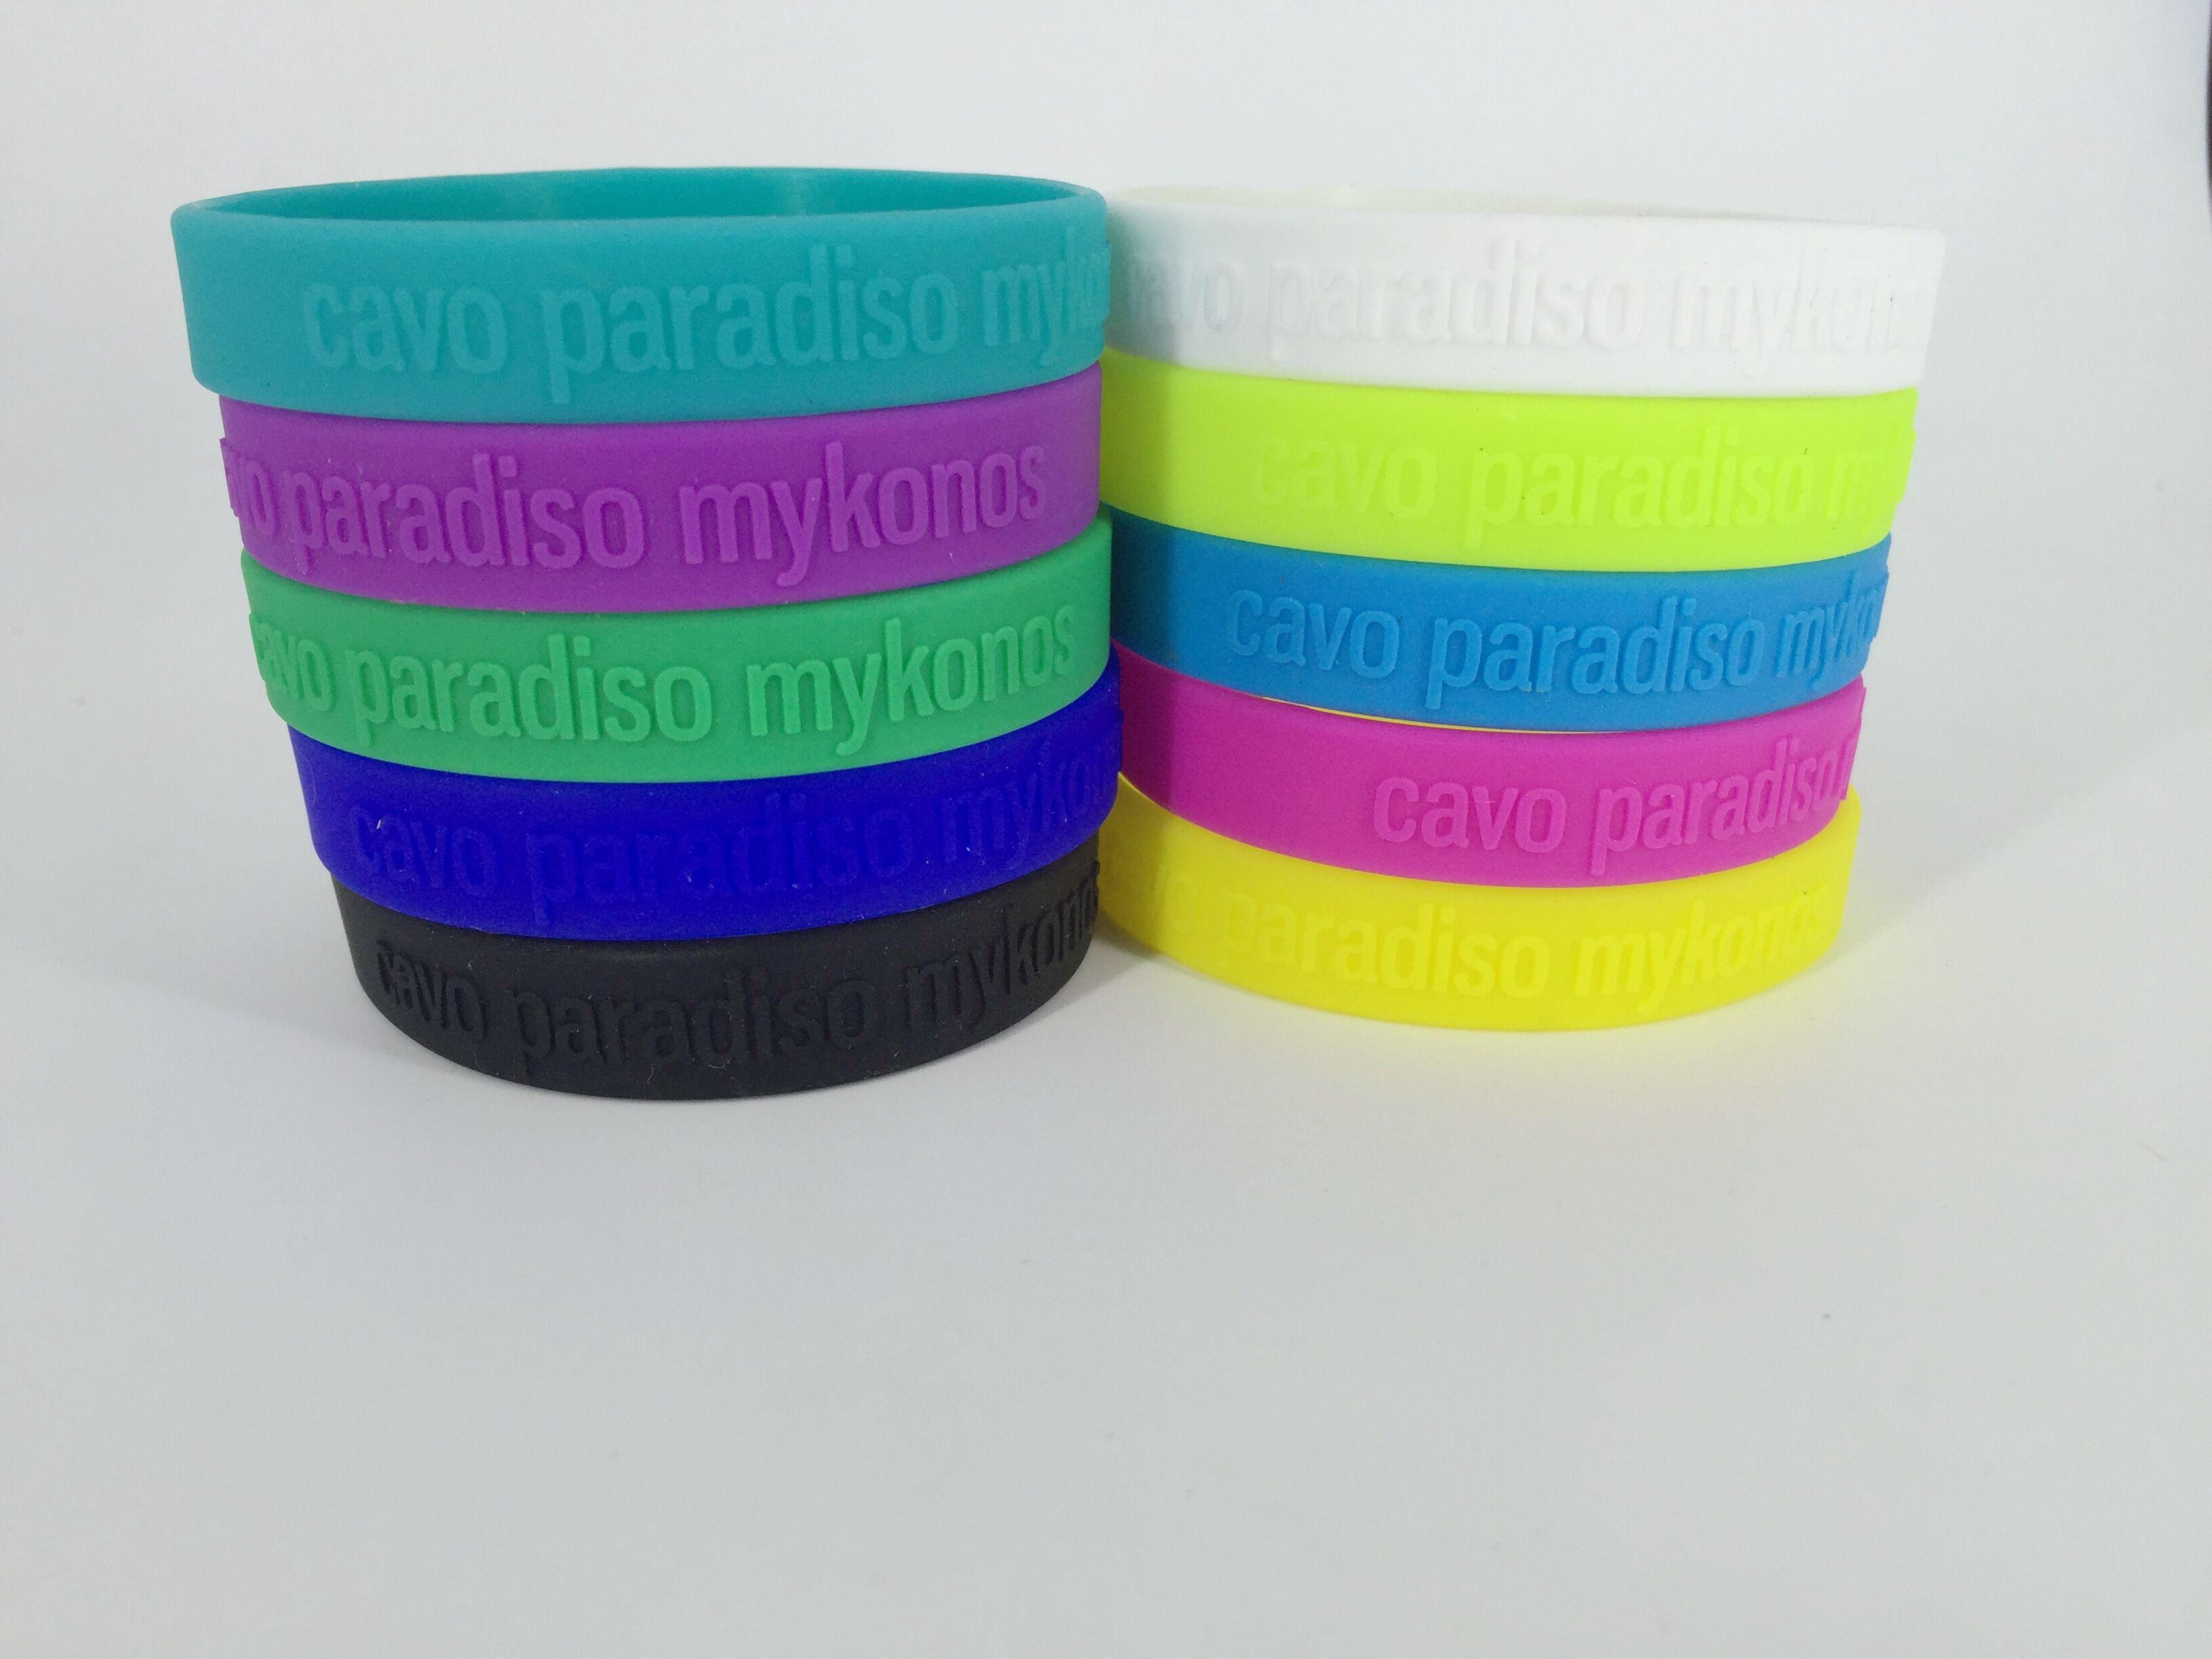 9154a0b45f42 Por qué comprar pulseras de silicona  - Articulos publicitarios